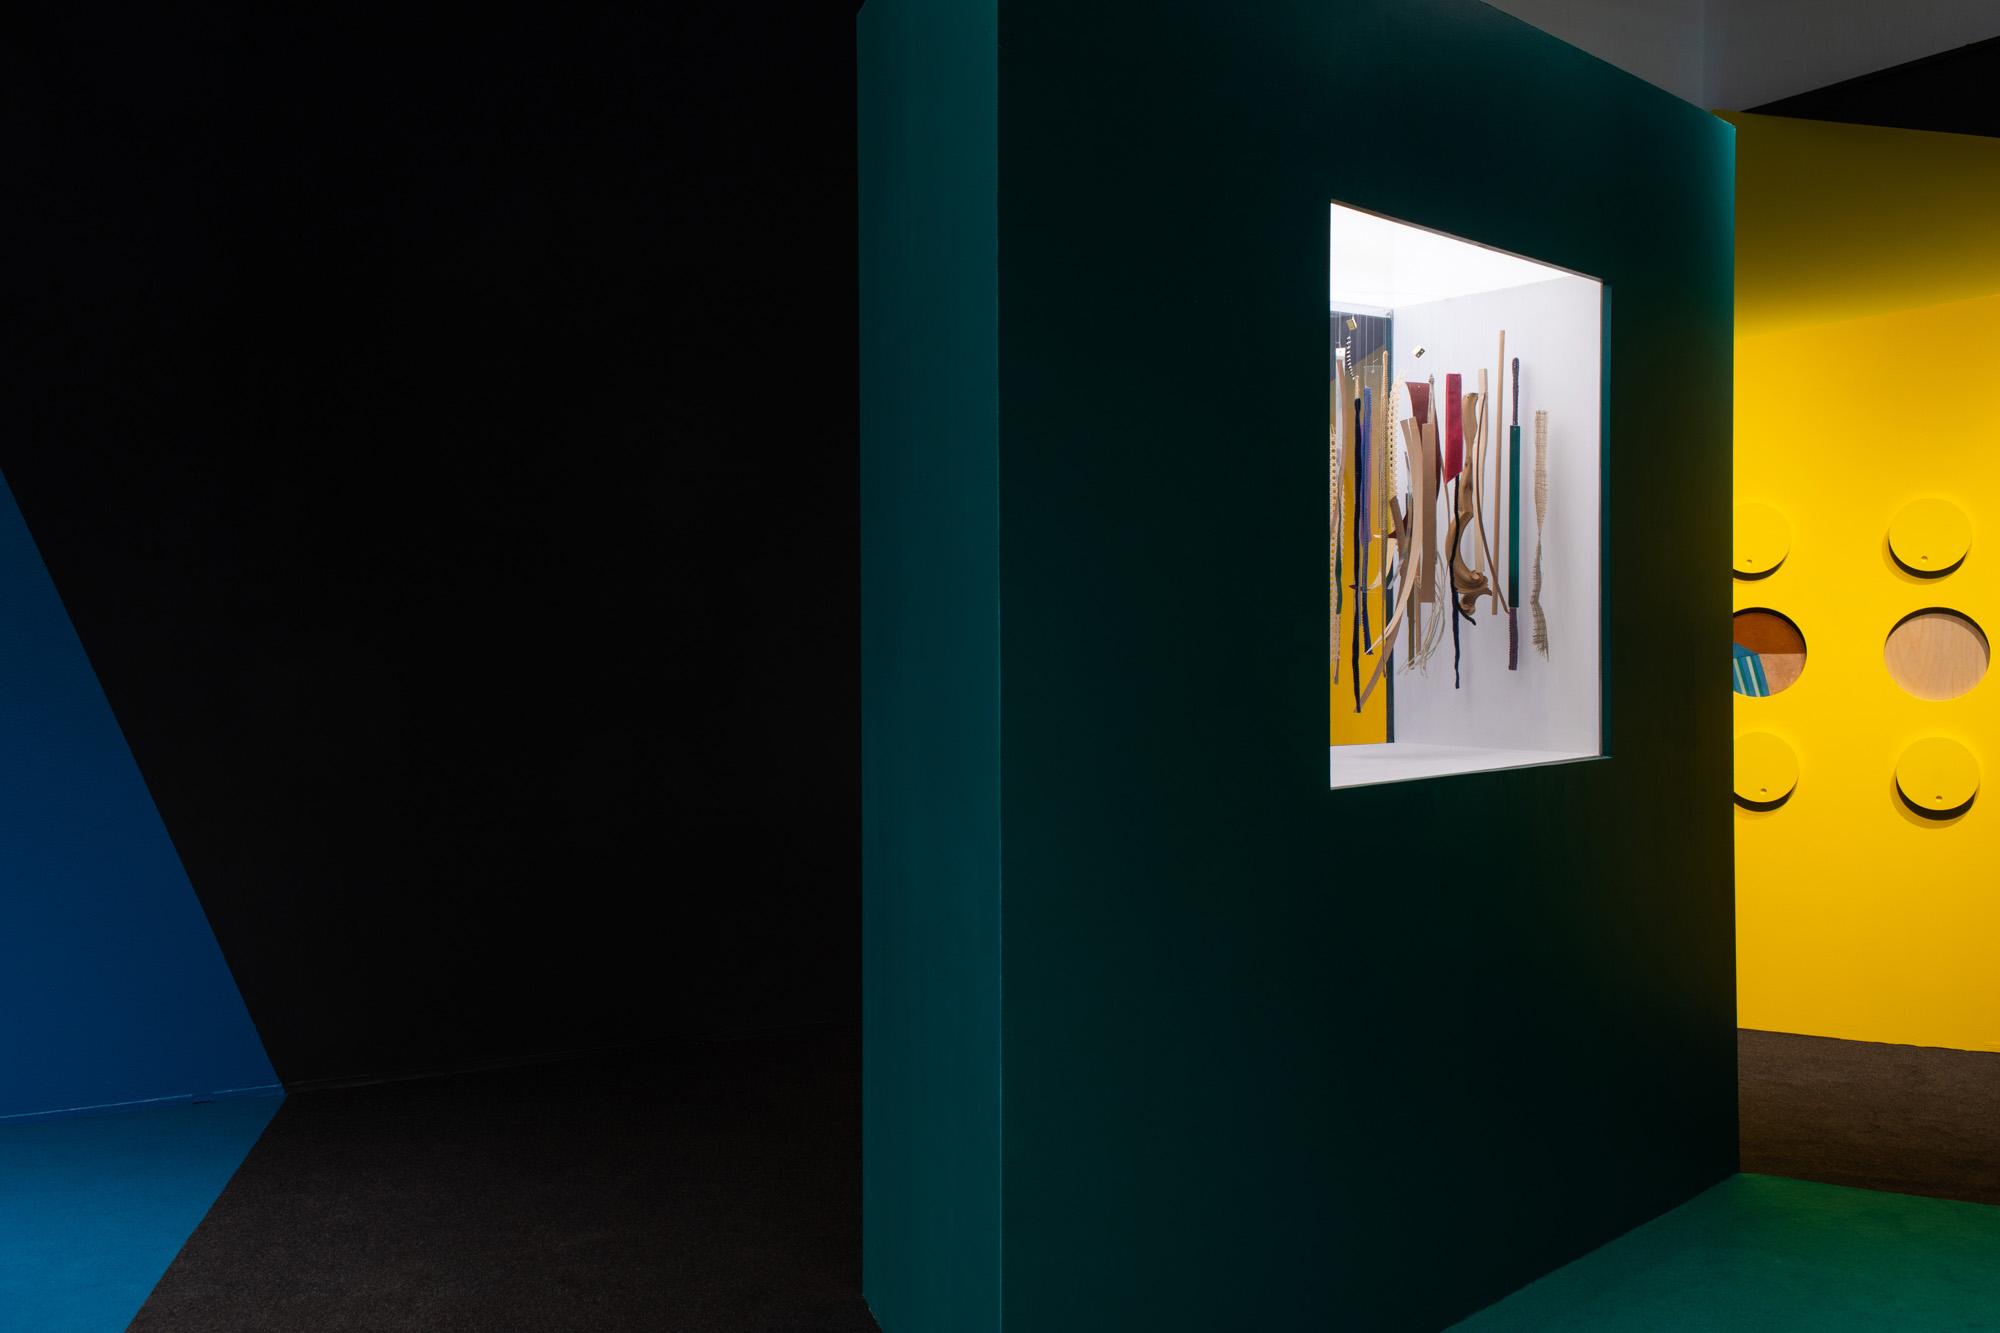 Allestimento Spazio espositivo Amleto Bertoni Saluzzo Sara Fortin design interior concorso percorso sensoriale